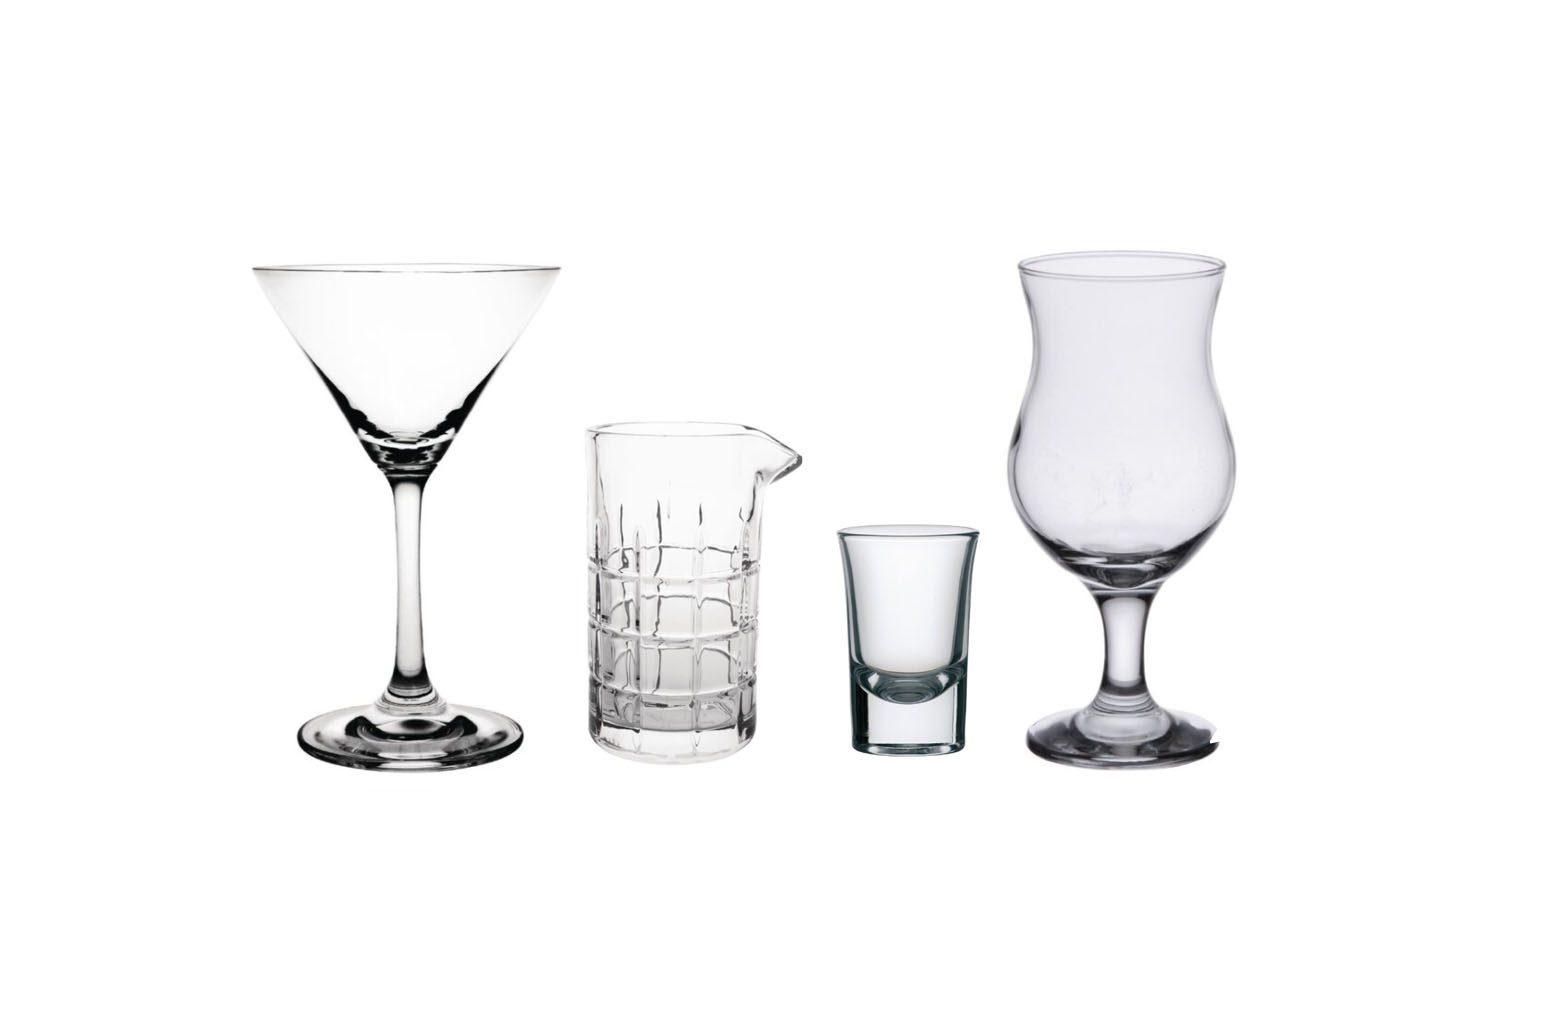 Shots & cocktails